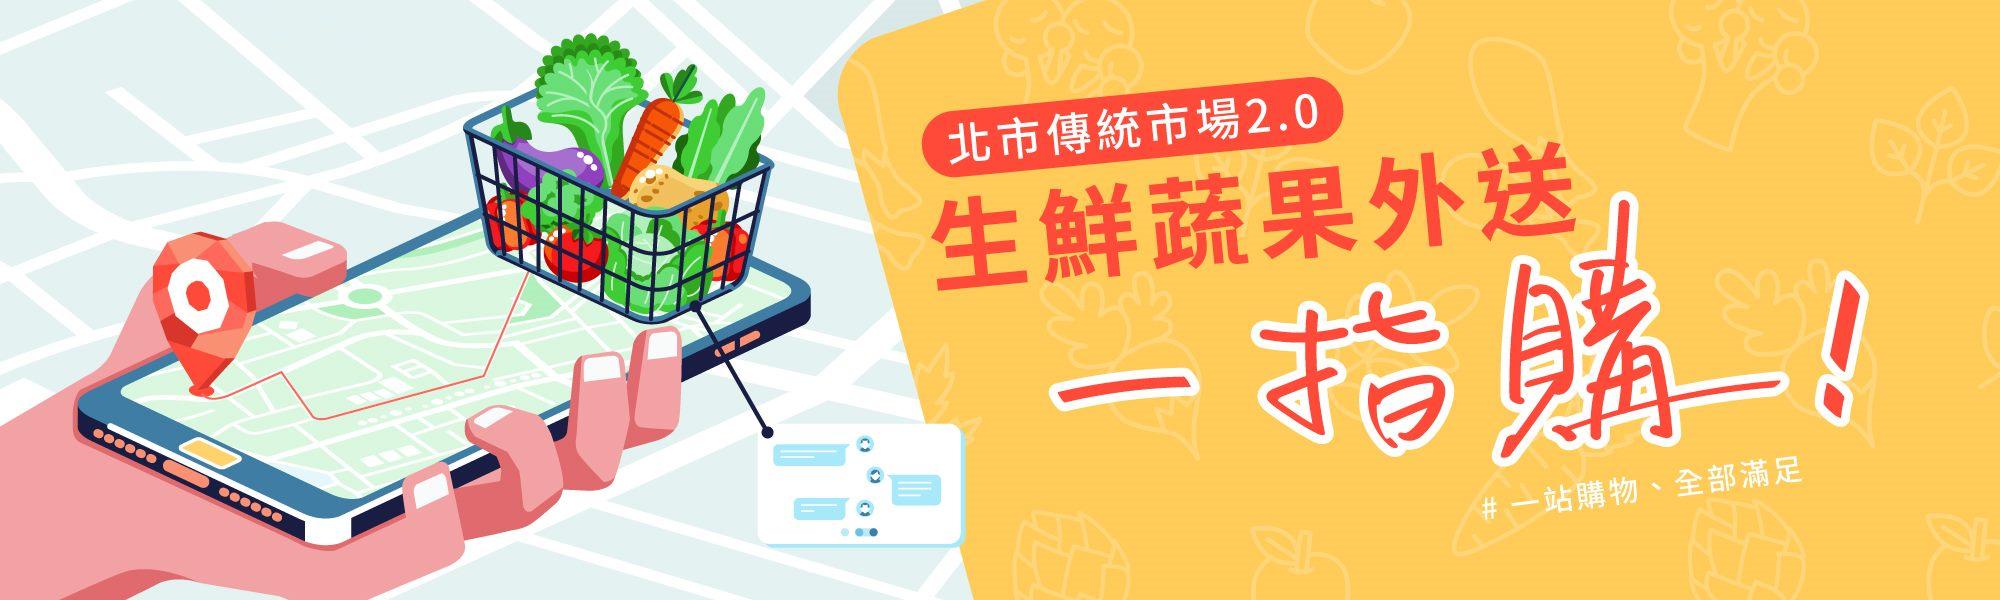 北市傳統市場2.0生鮮蔬果外送一指購